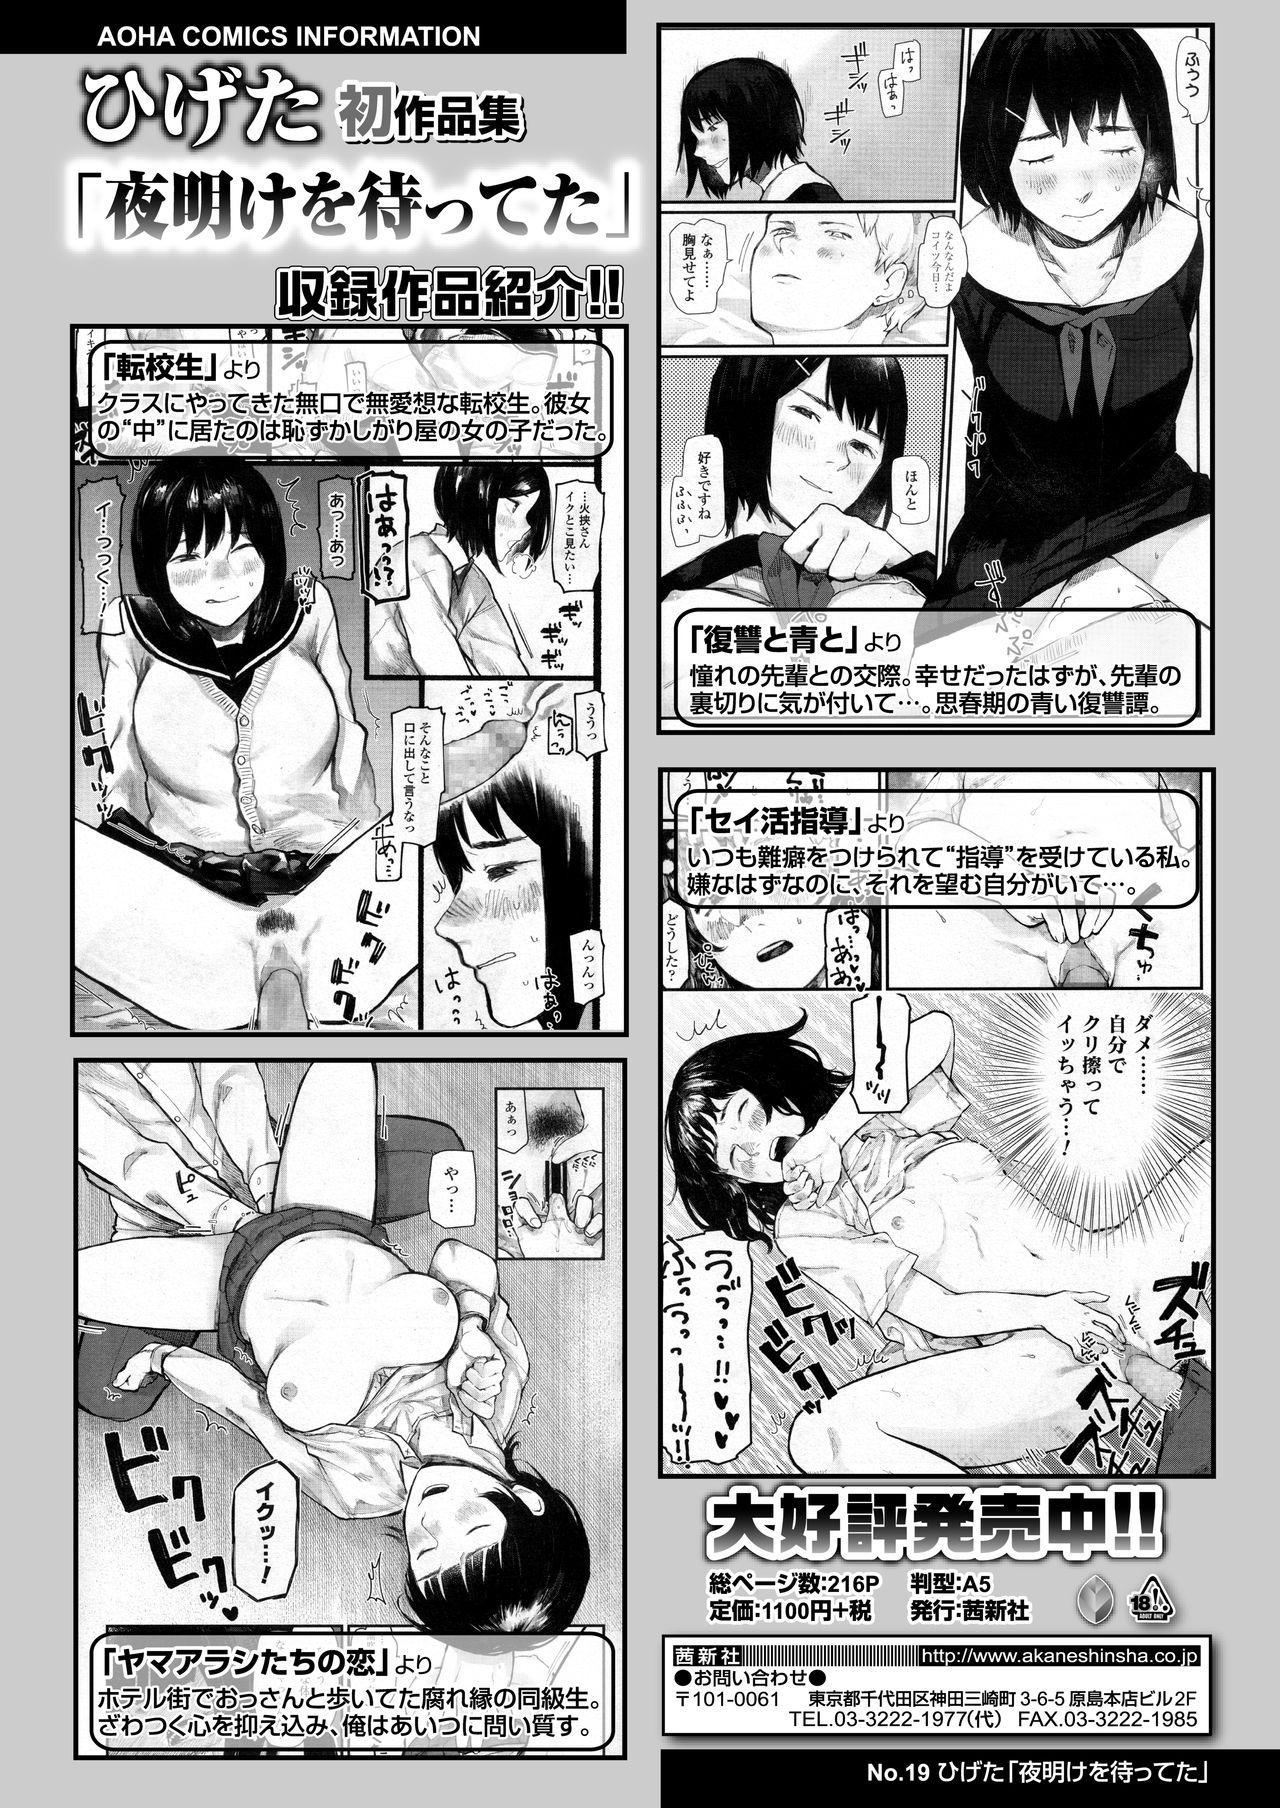 COMIC AOHA 2021 Natsu 123